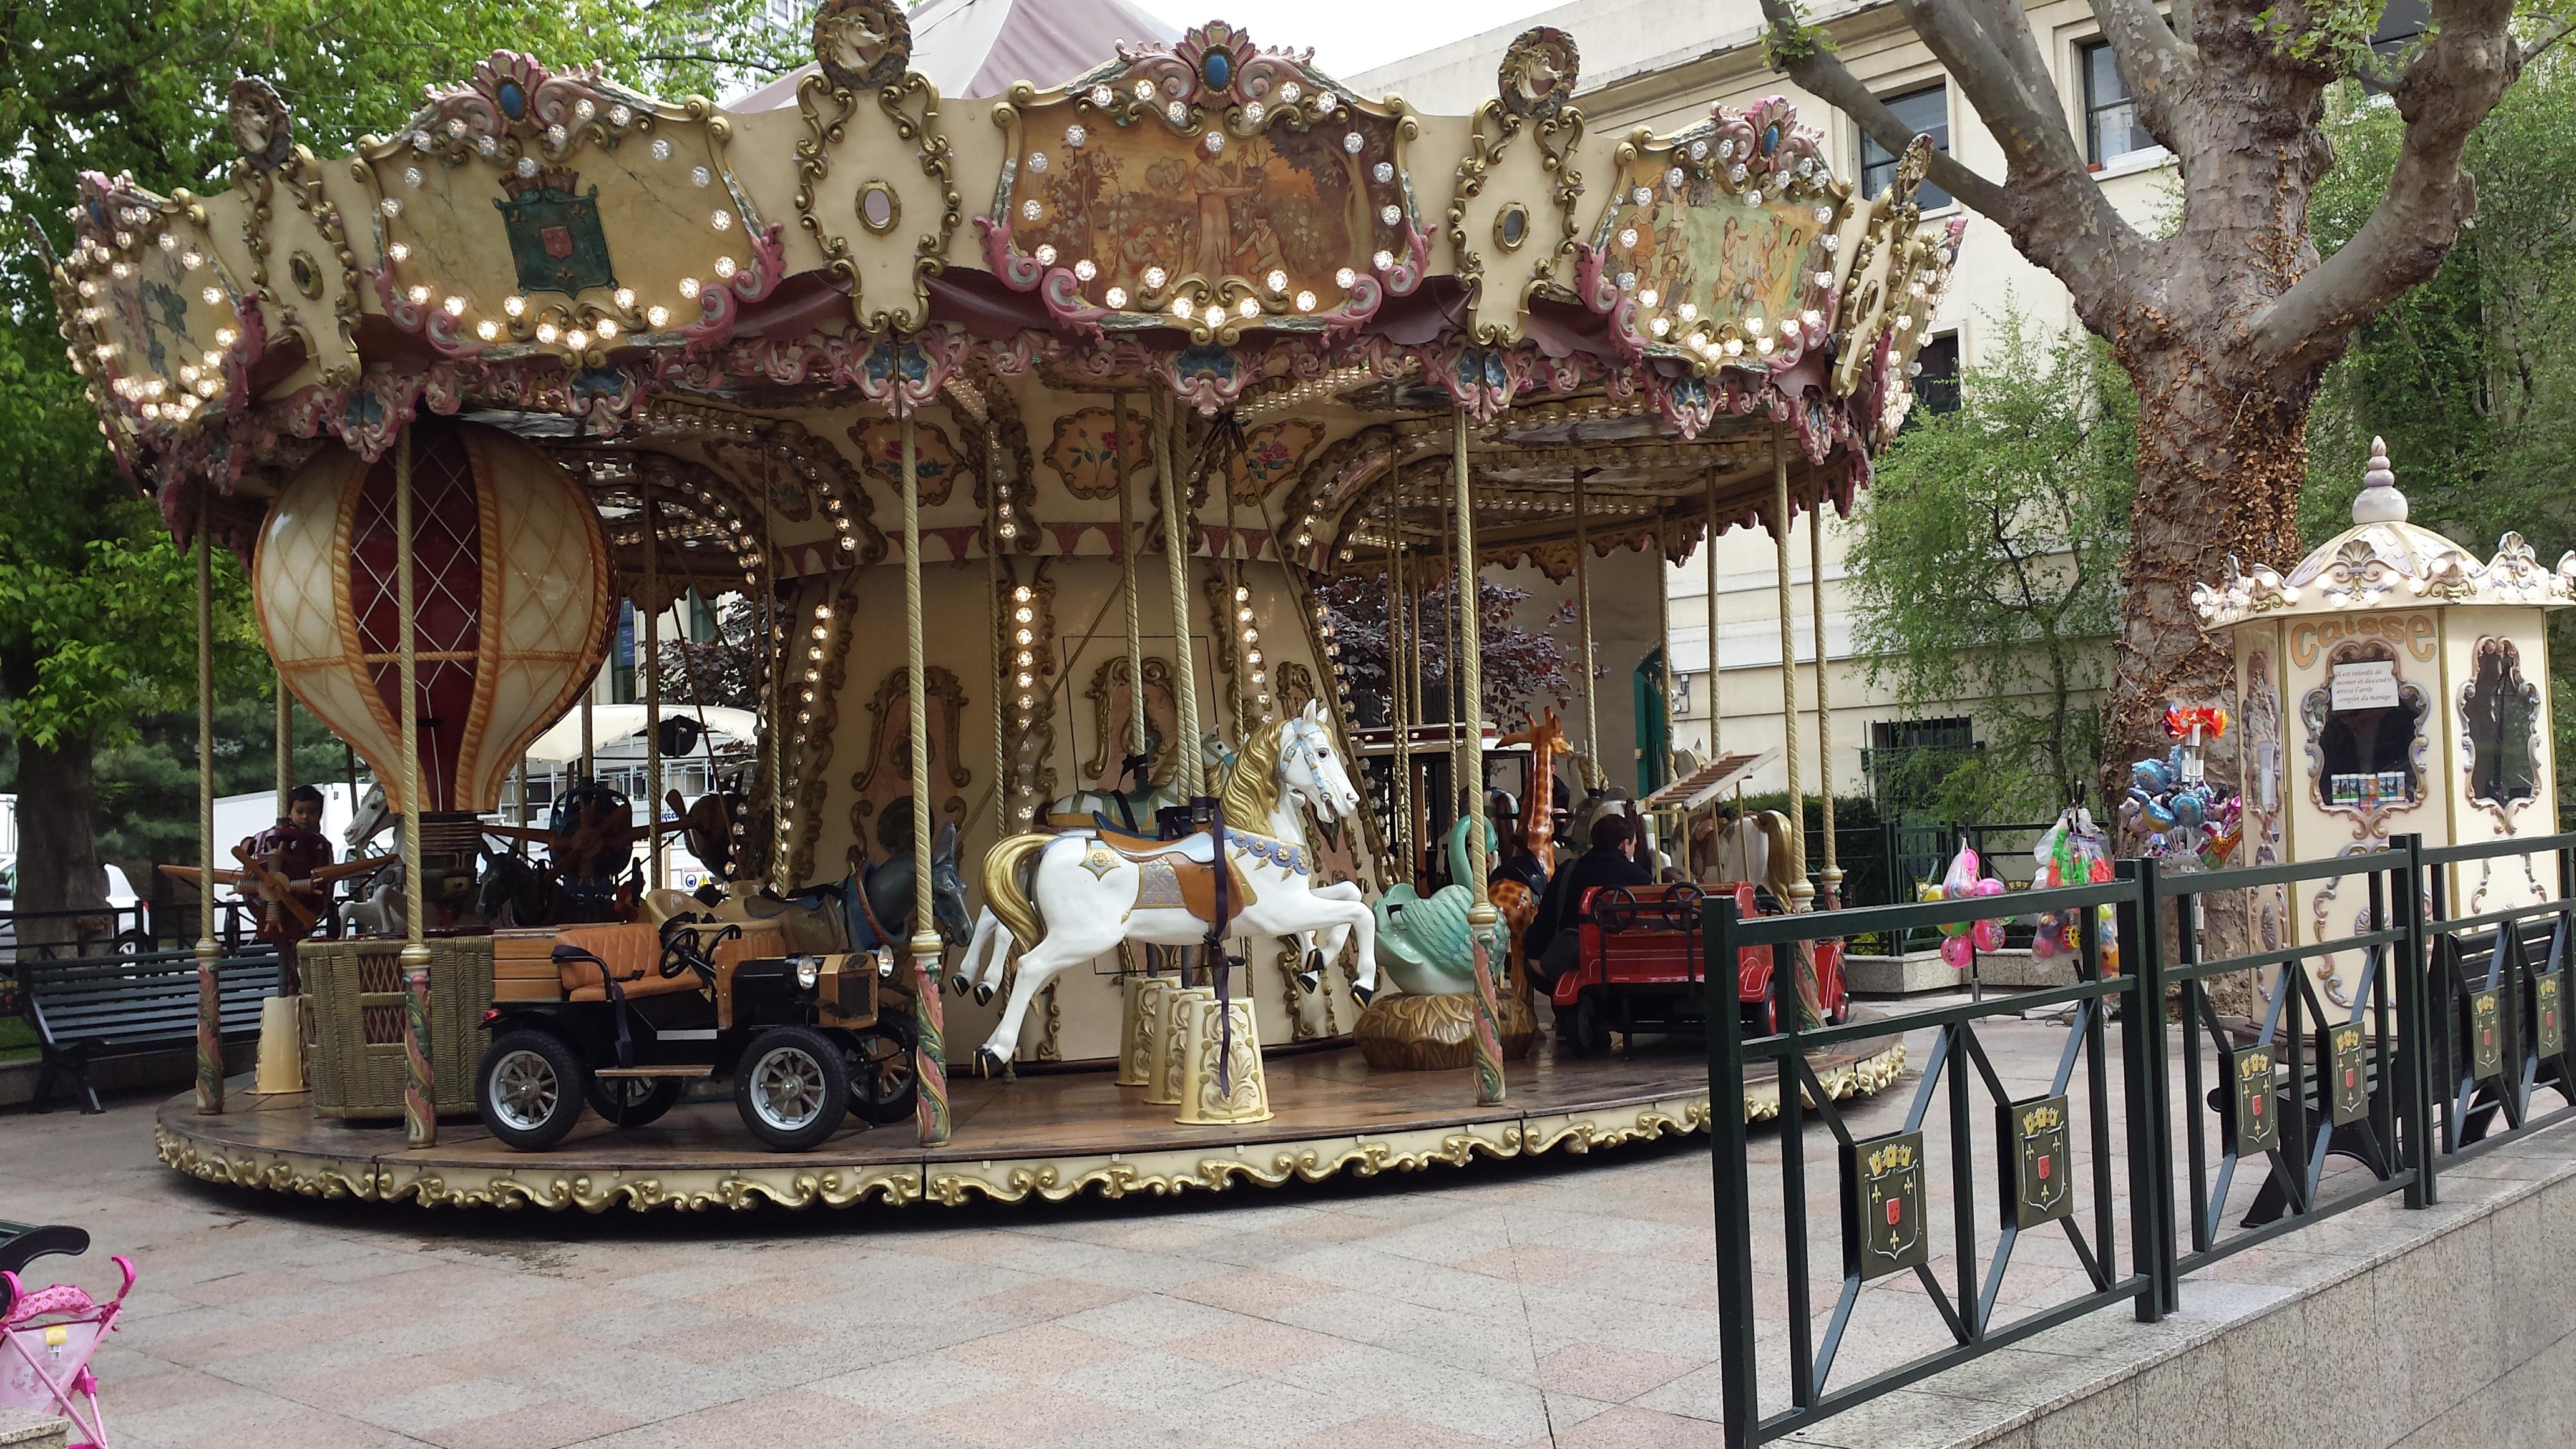 Carrousel de la mairie de Puteaux